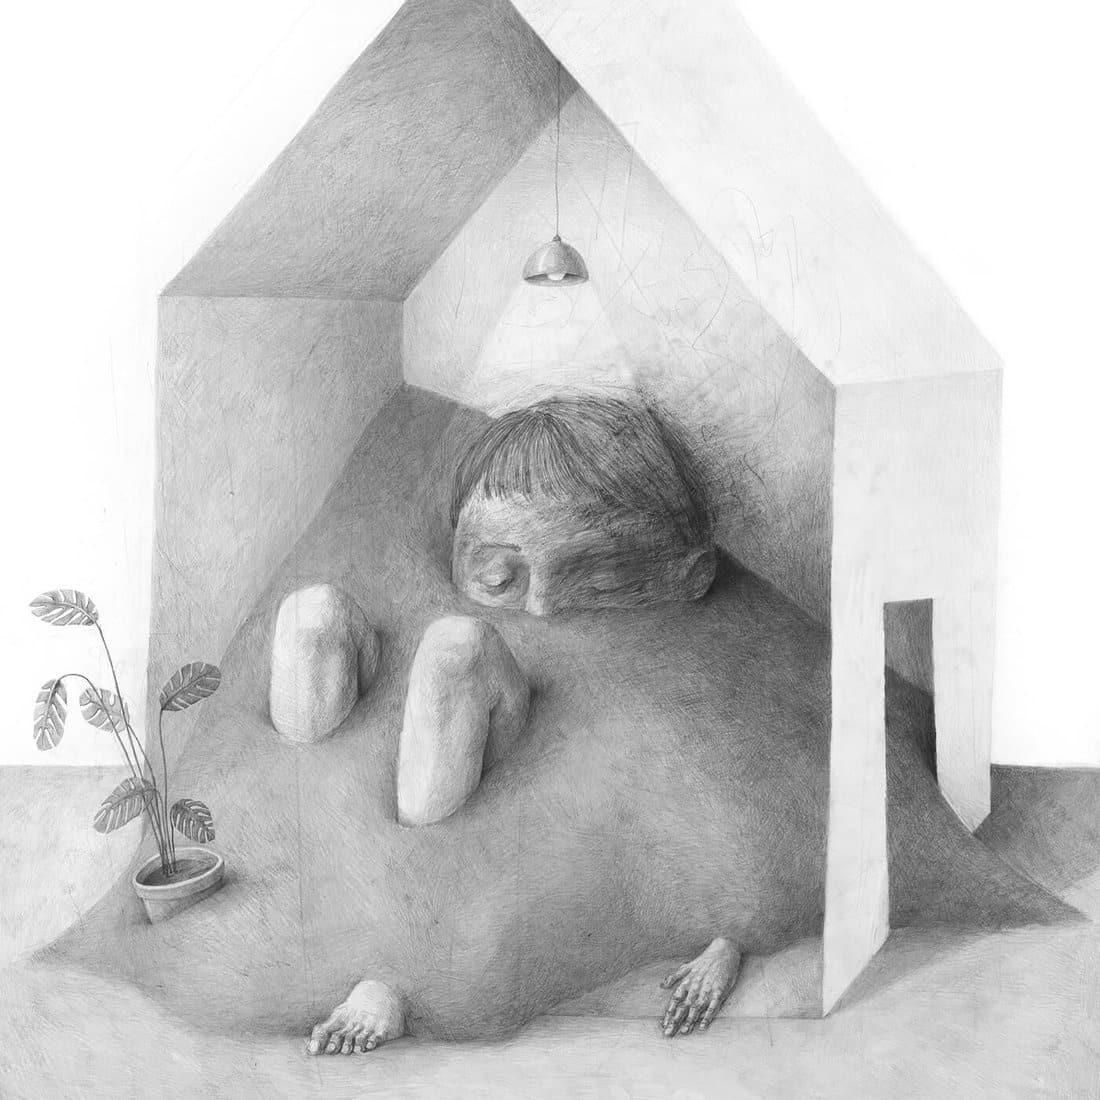 zsaitsits ilustracion lapiz casa